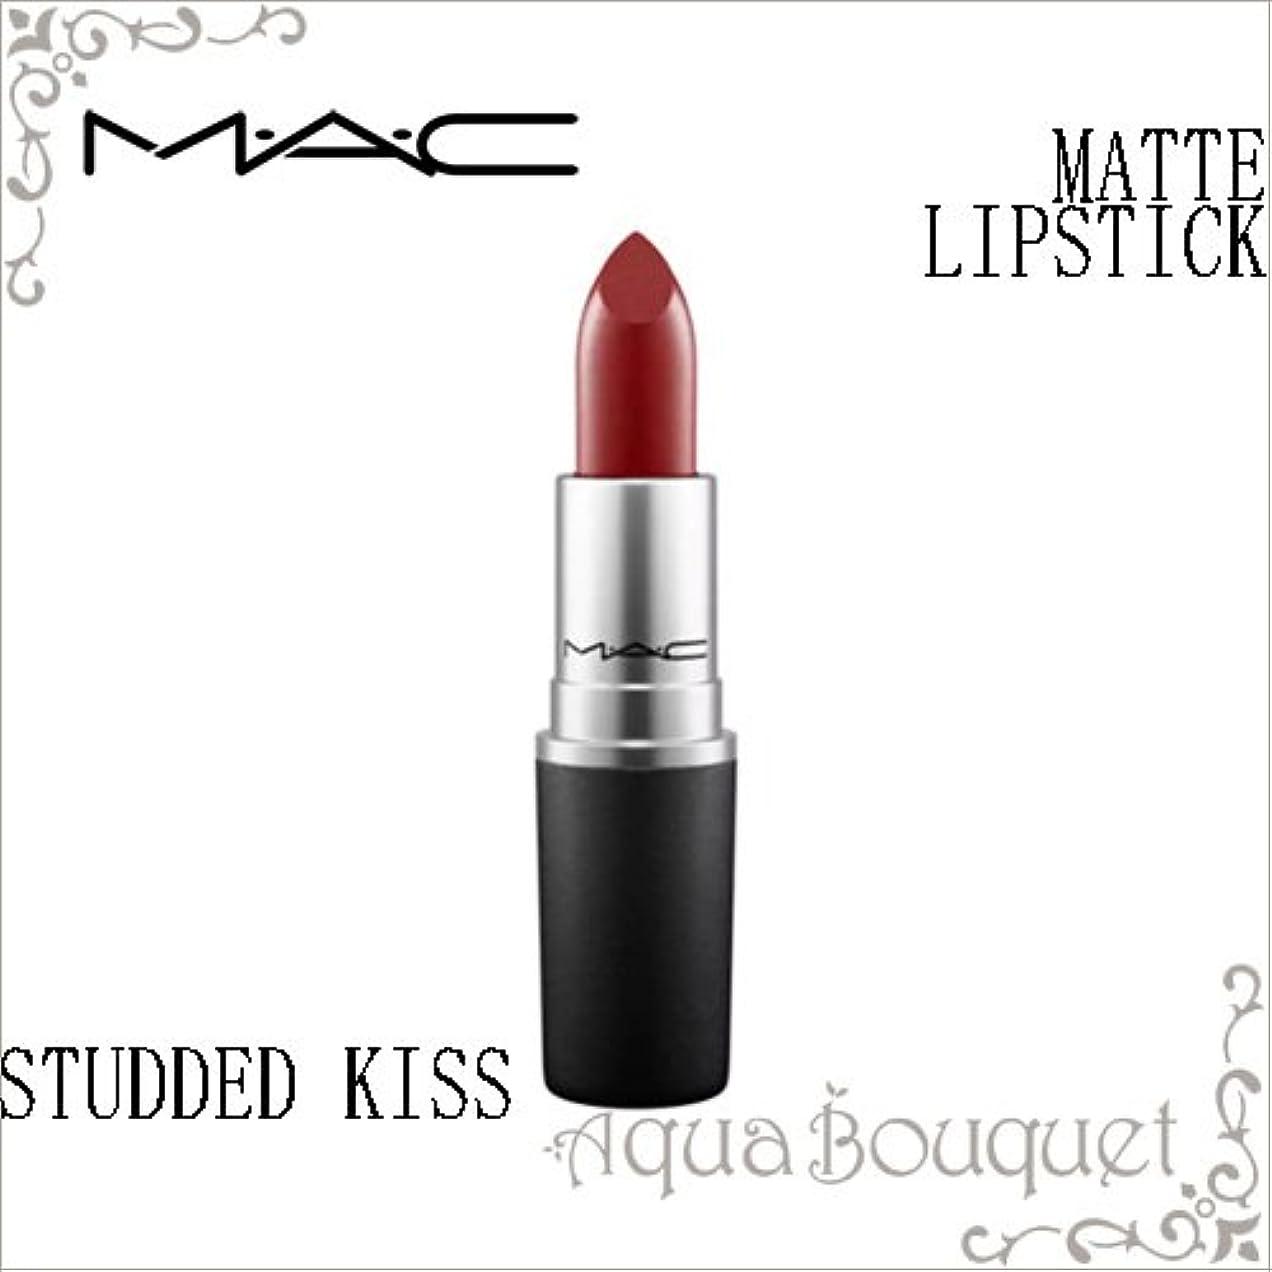 スーツ慈善休暇マック(MAC) THE MATTE LIP リップスティックマット #スタディッド キス 3g [388325][並行輸入品]